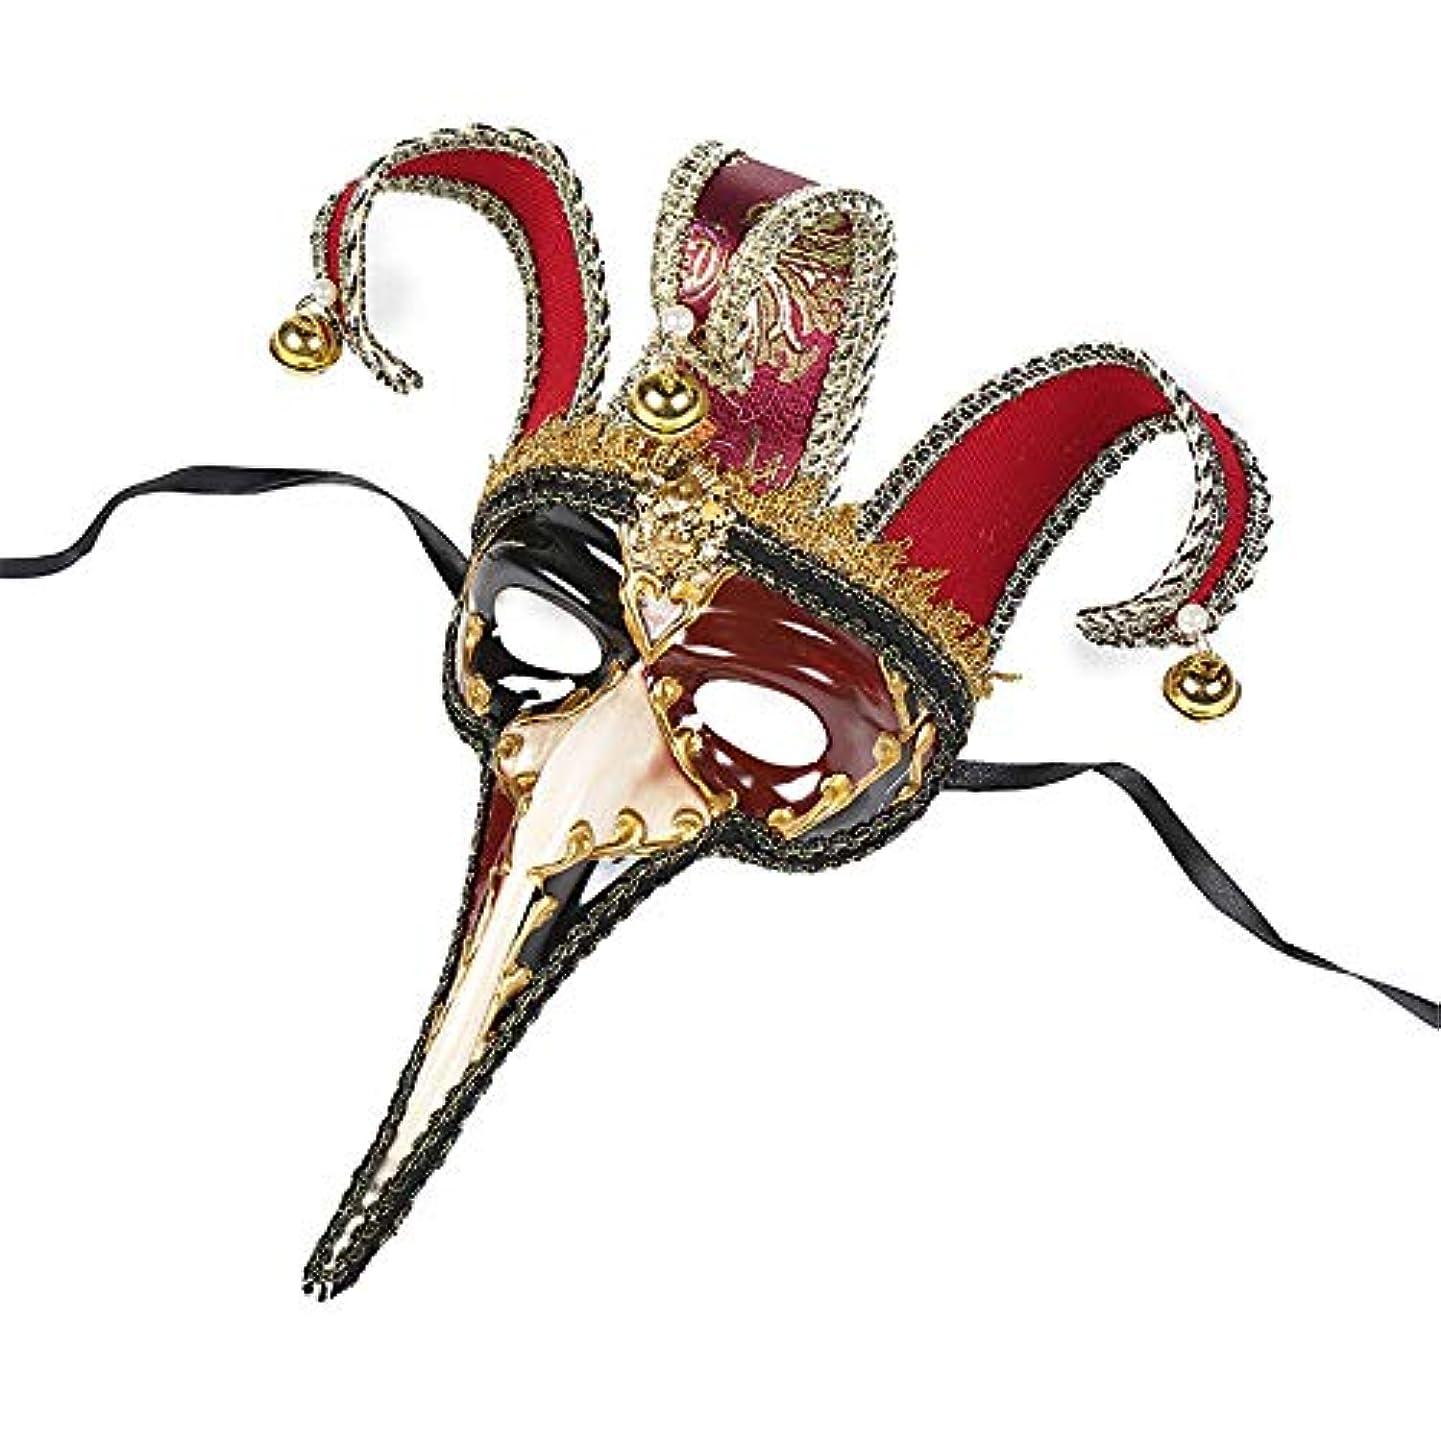 期間同志ブリーフケースダンスマスク ハーフフェイス鼻フラミンゴハロウィーン仮装雰囲気クリスマスフェスティバルロールプレイングプラスチックマスク ホリデーパーティー用品 (色 : 赤, サイズ : 42x15cm)